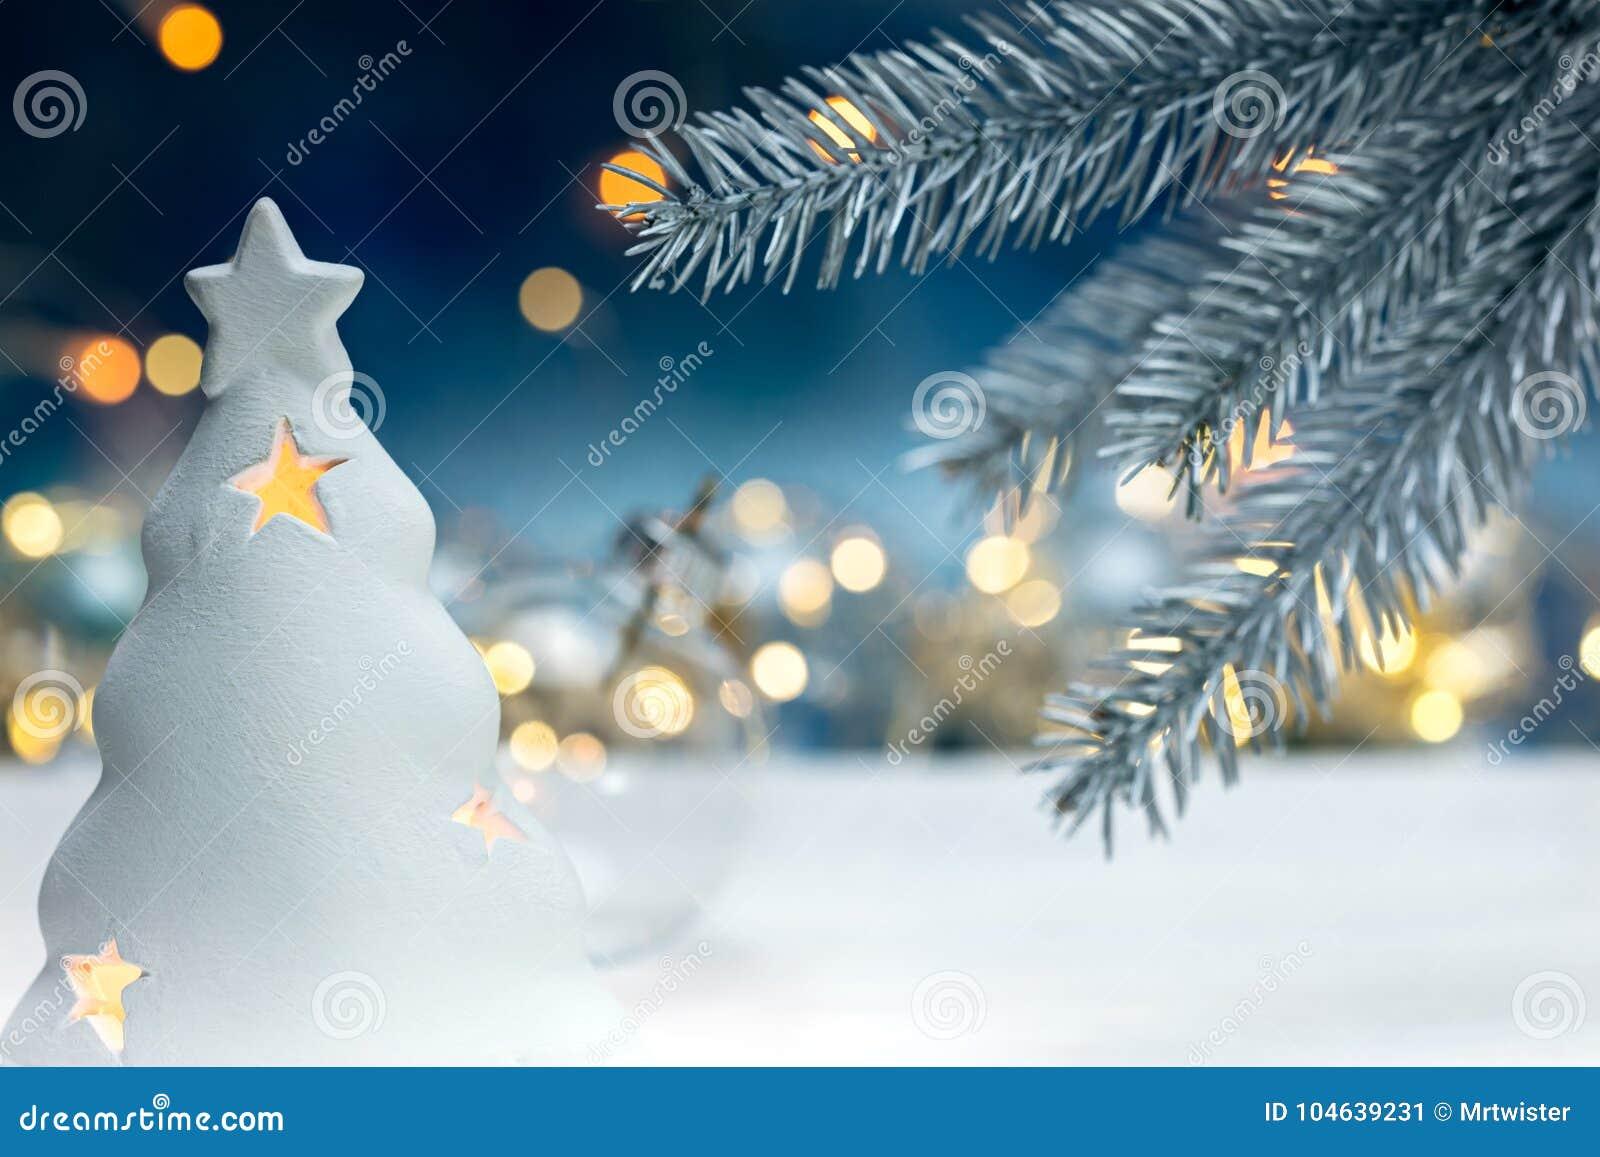 Download Vakantiedecoratie Met De Zilveren Tak Van De Kerstmisboom Op Vaag Stock Afbeelding - Afbeelding bestaande uit kleurrijk, vakantie: 104639231